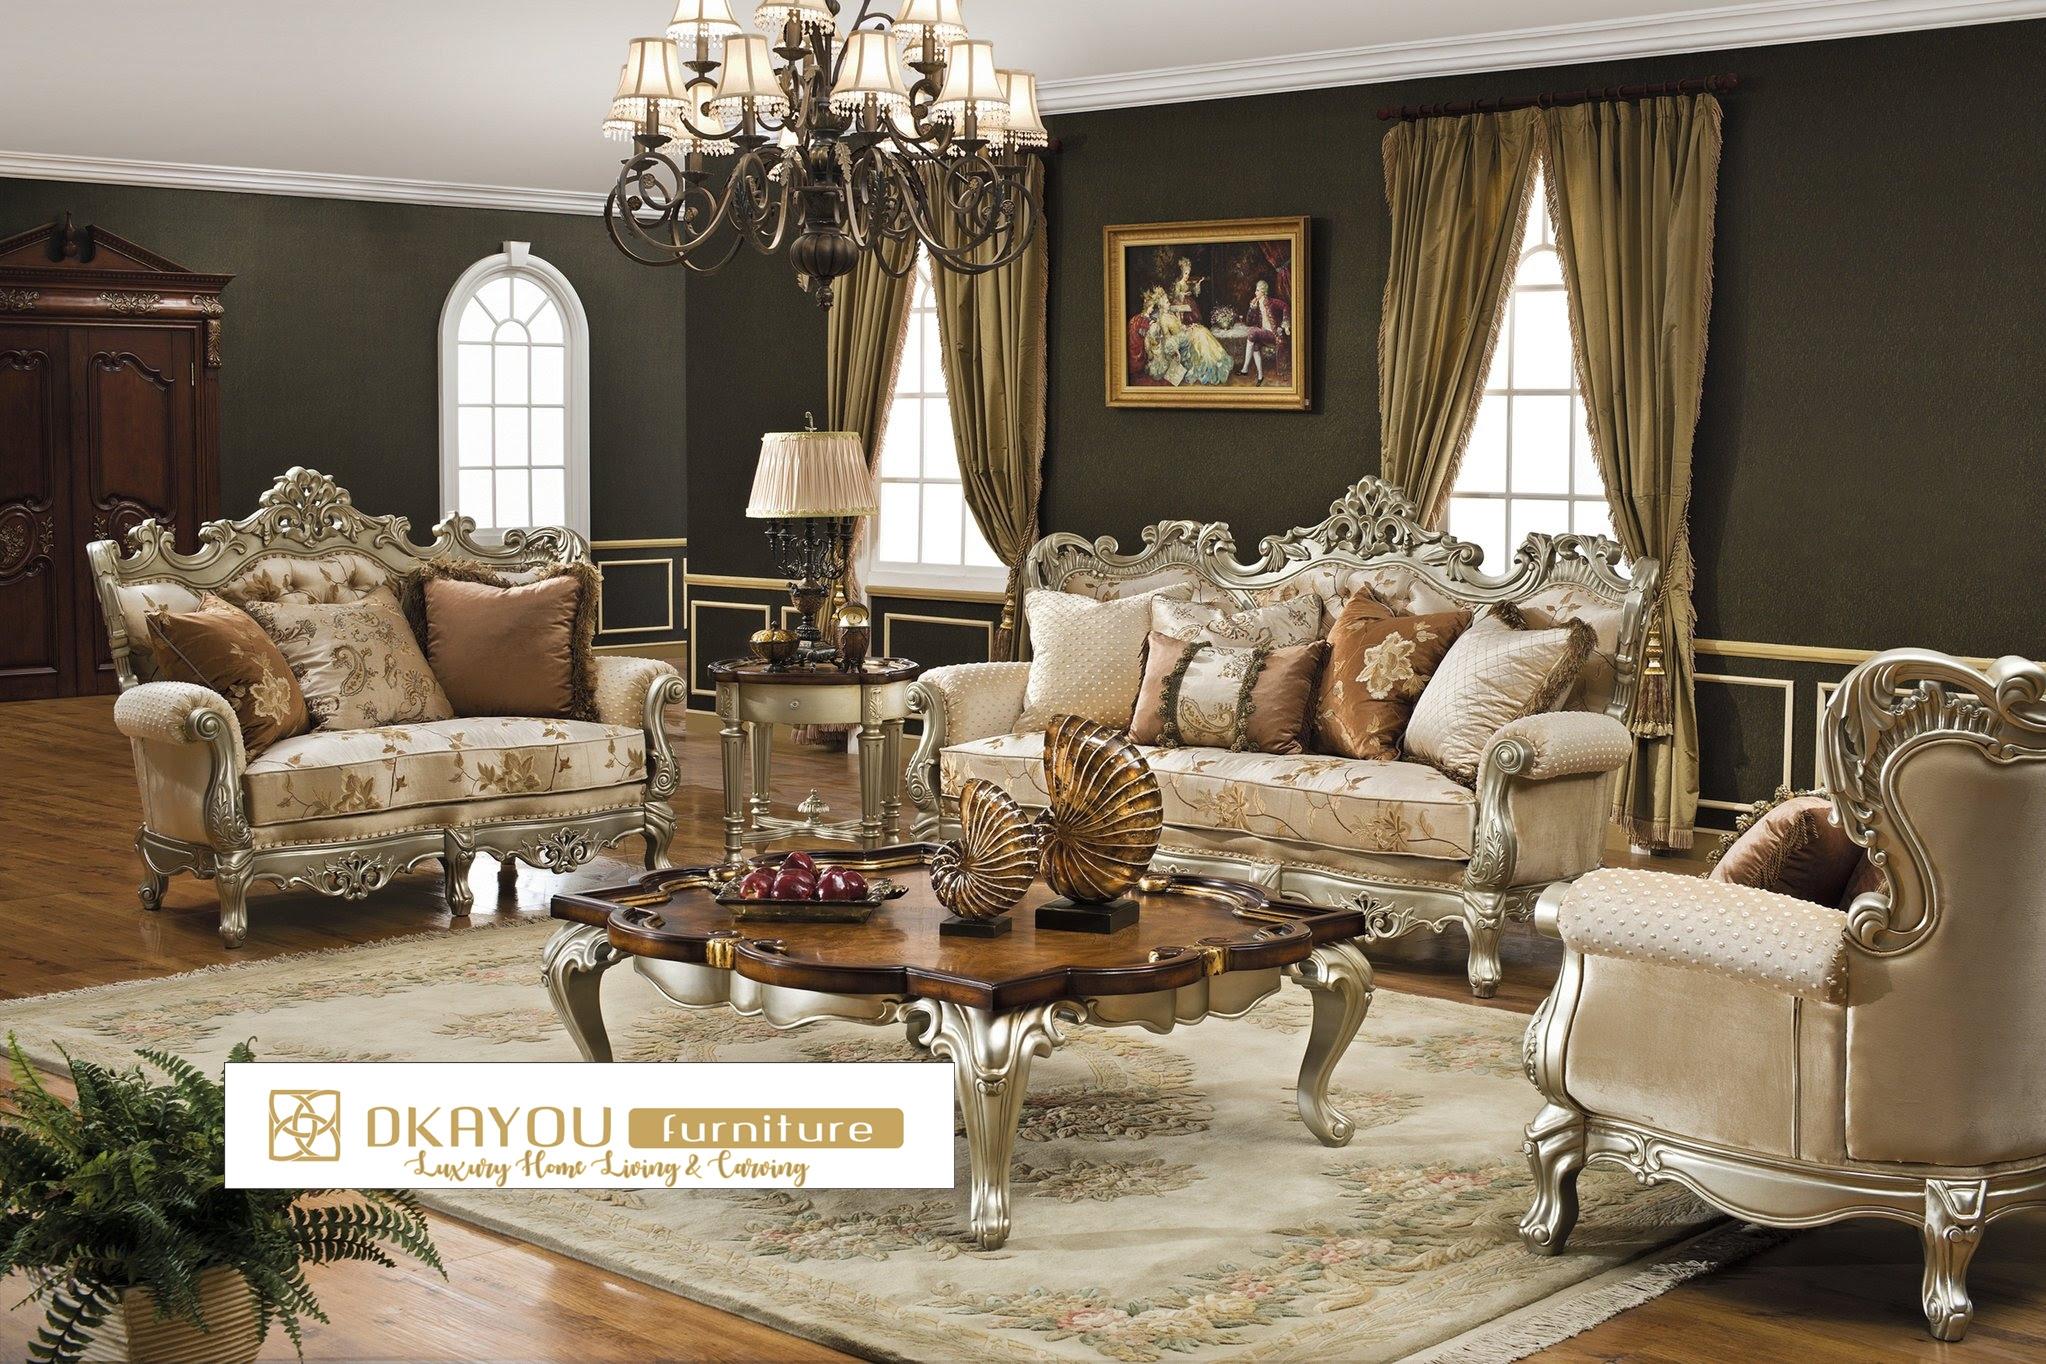 Set Kursi Sofa Tamu Mewah Klasik Sofa Ruang Tamu Model Baru Dkayou